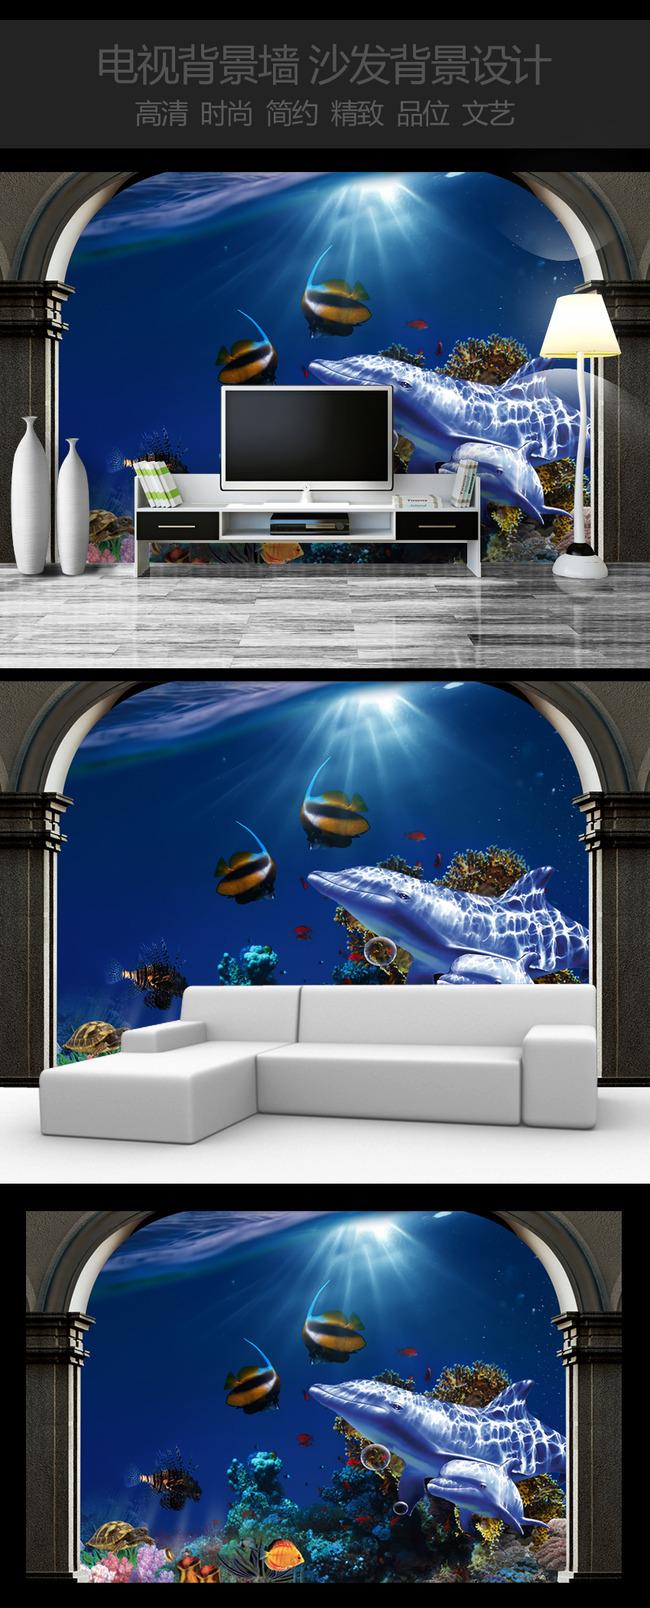 背景墙/[版权图片]高清时尚3D立体海底世界壁画背景墙